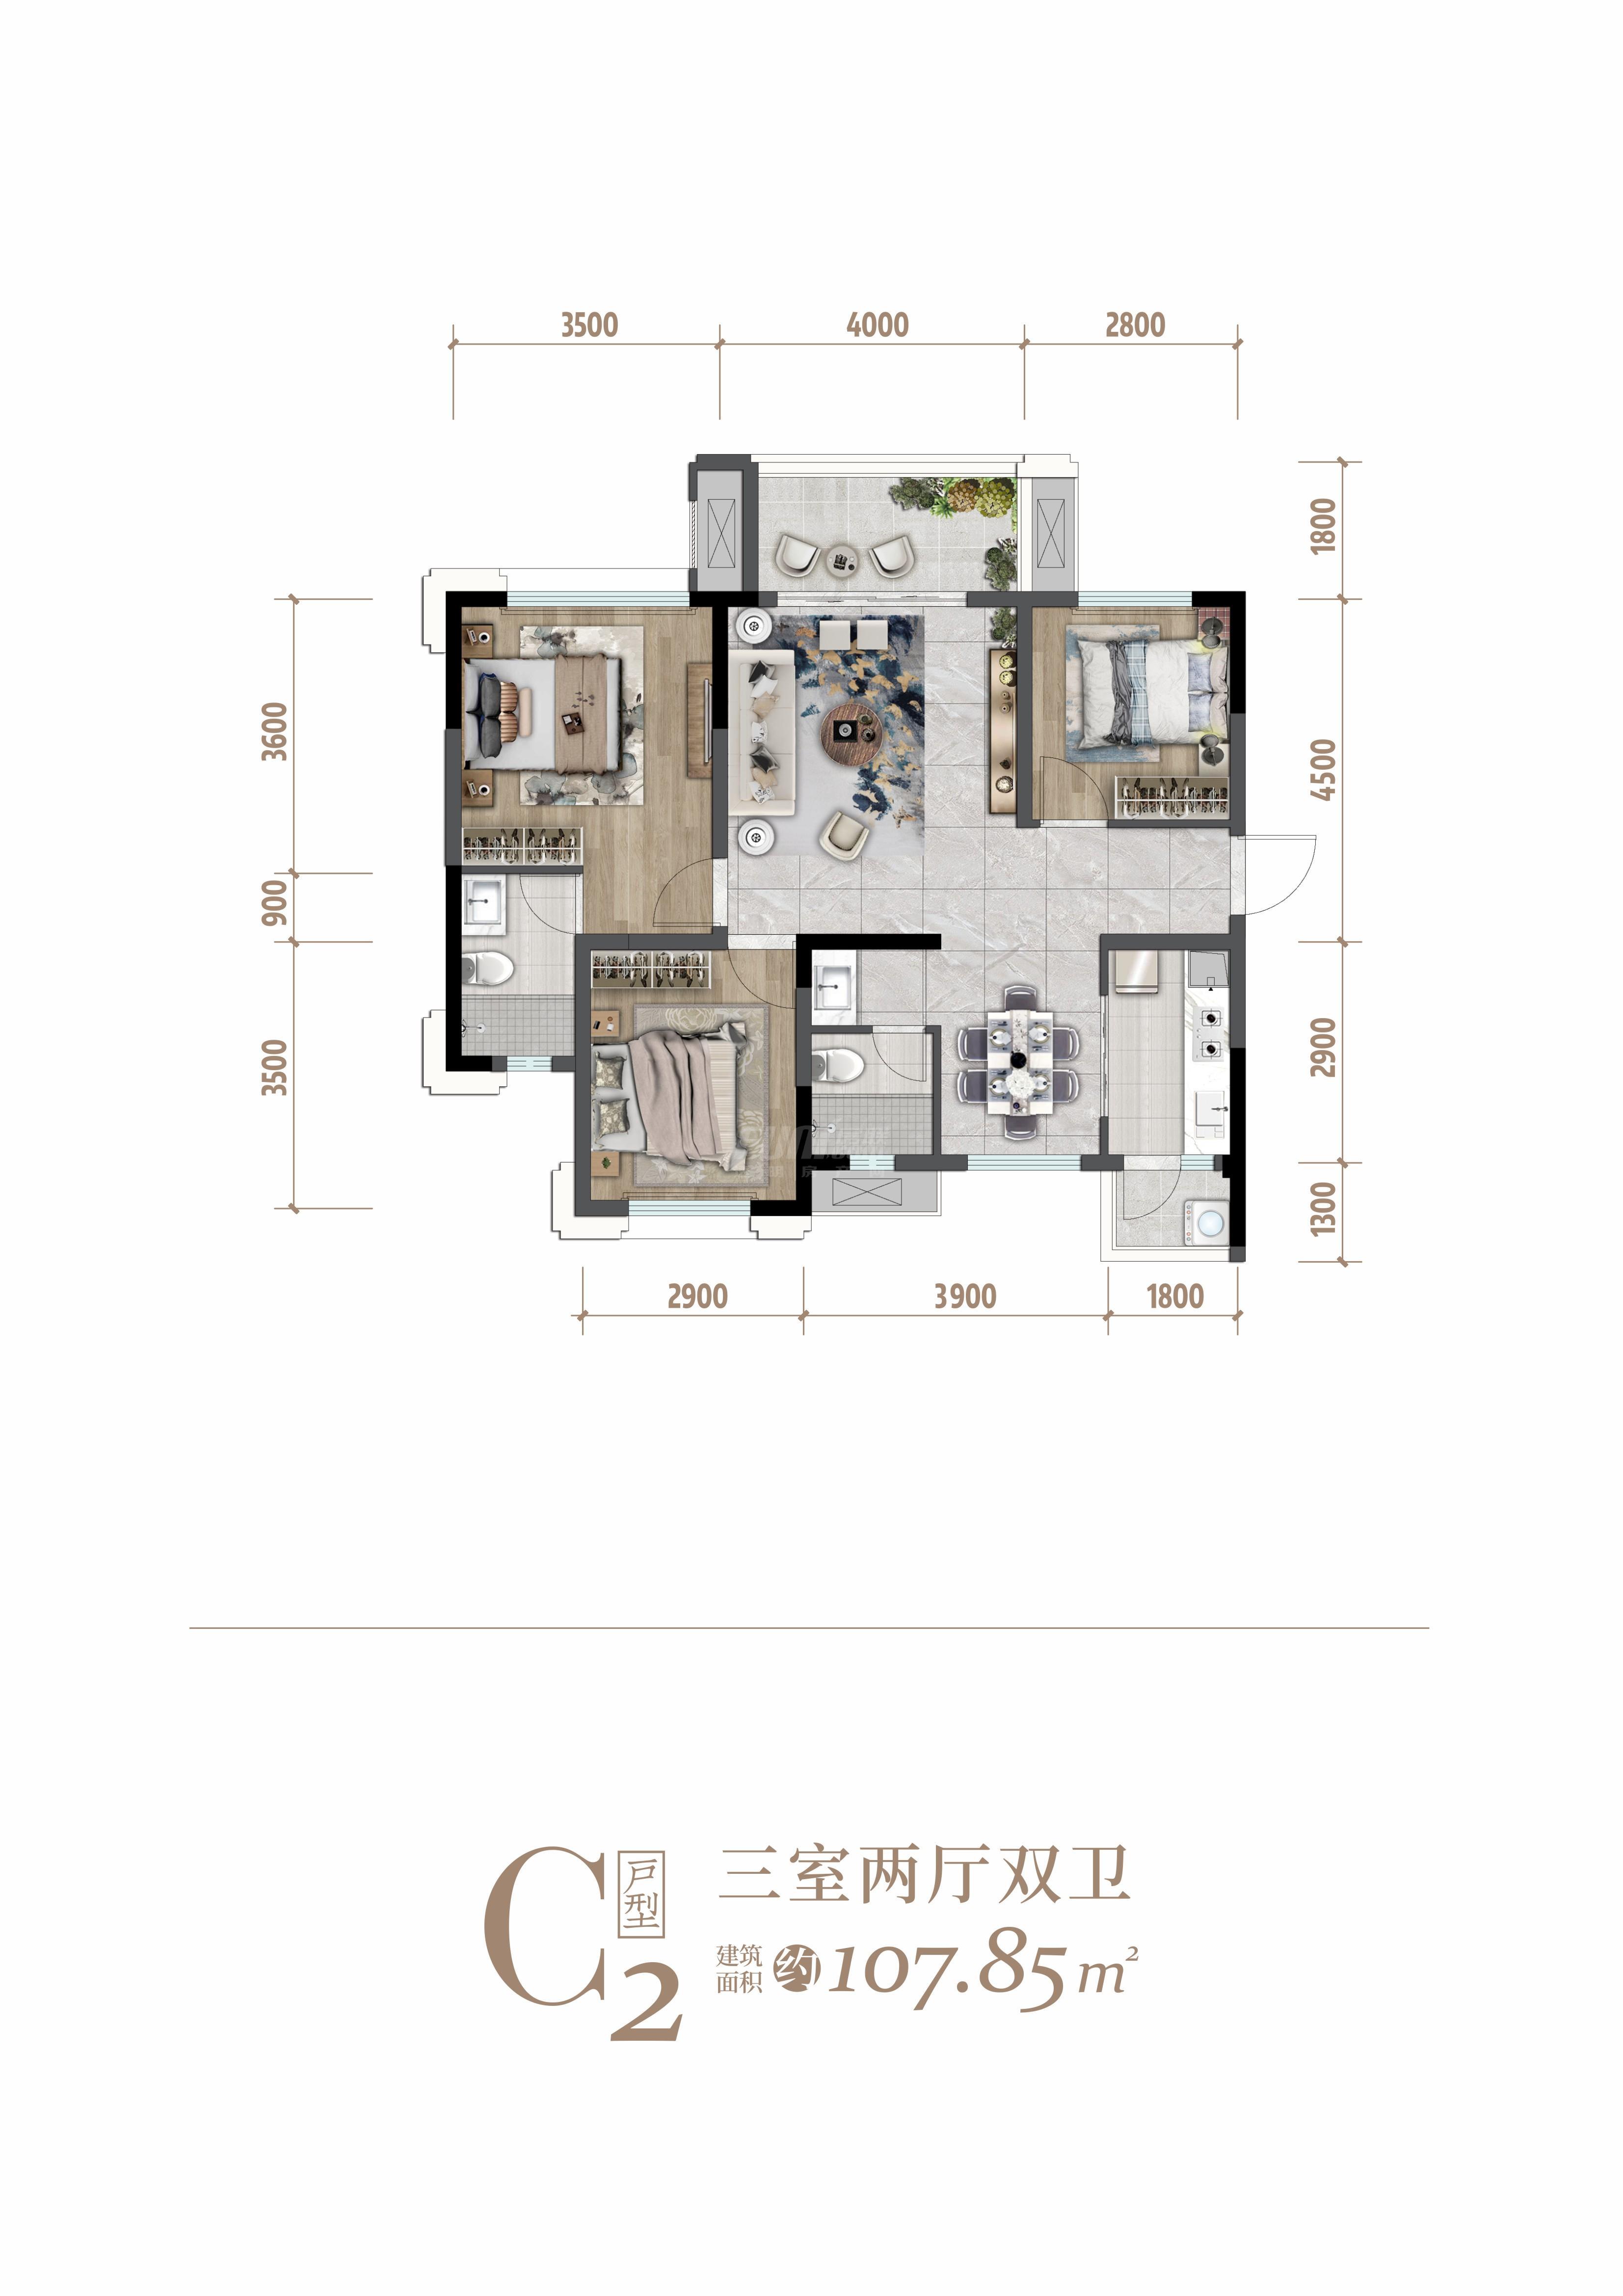 3室2卫2厅,C2户型三室两厅双卫